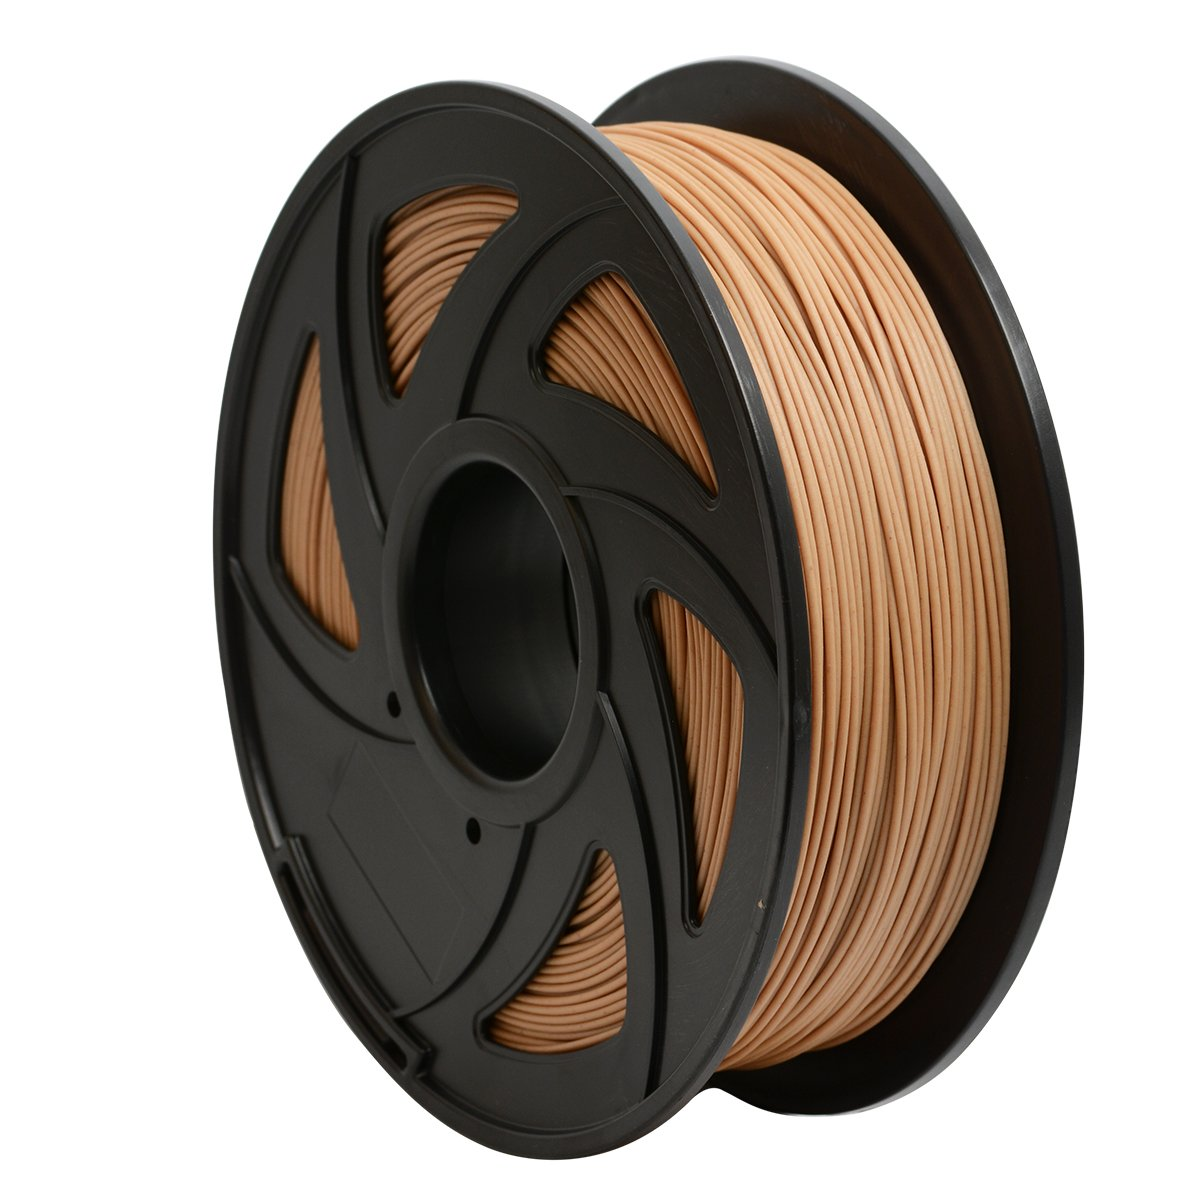 Geeetech Wood Filament